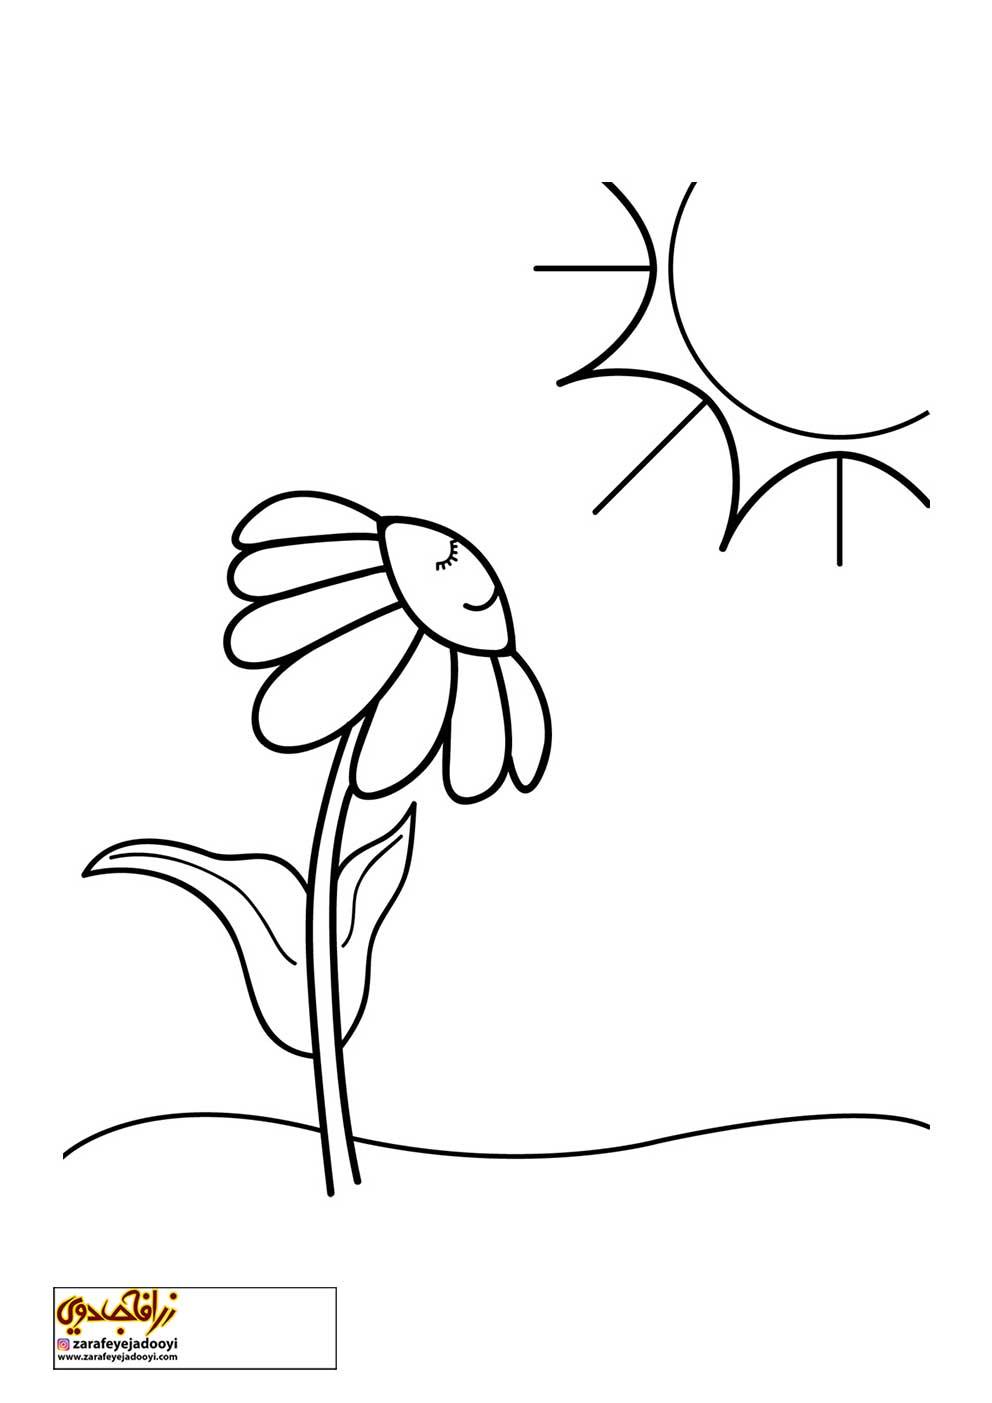 زرافه-جادویی-رنگ-آمیزی-کودکان-نقاشی-گل-12